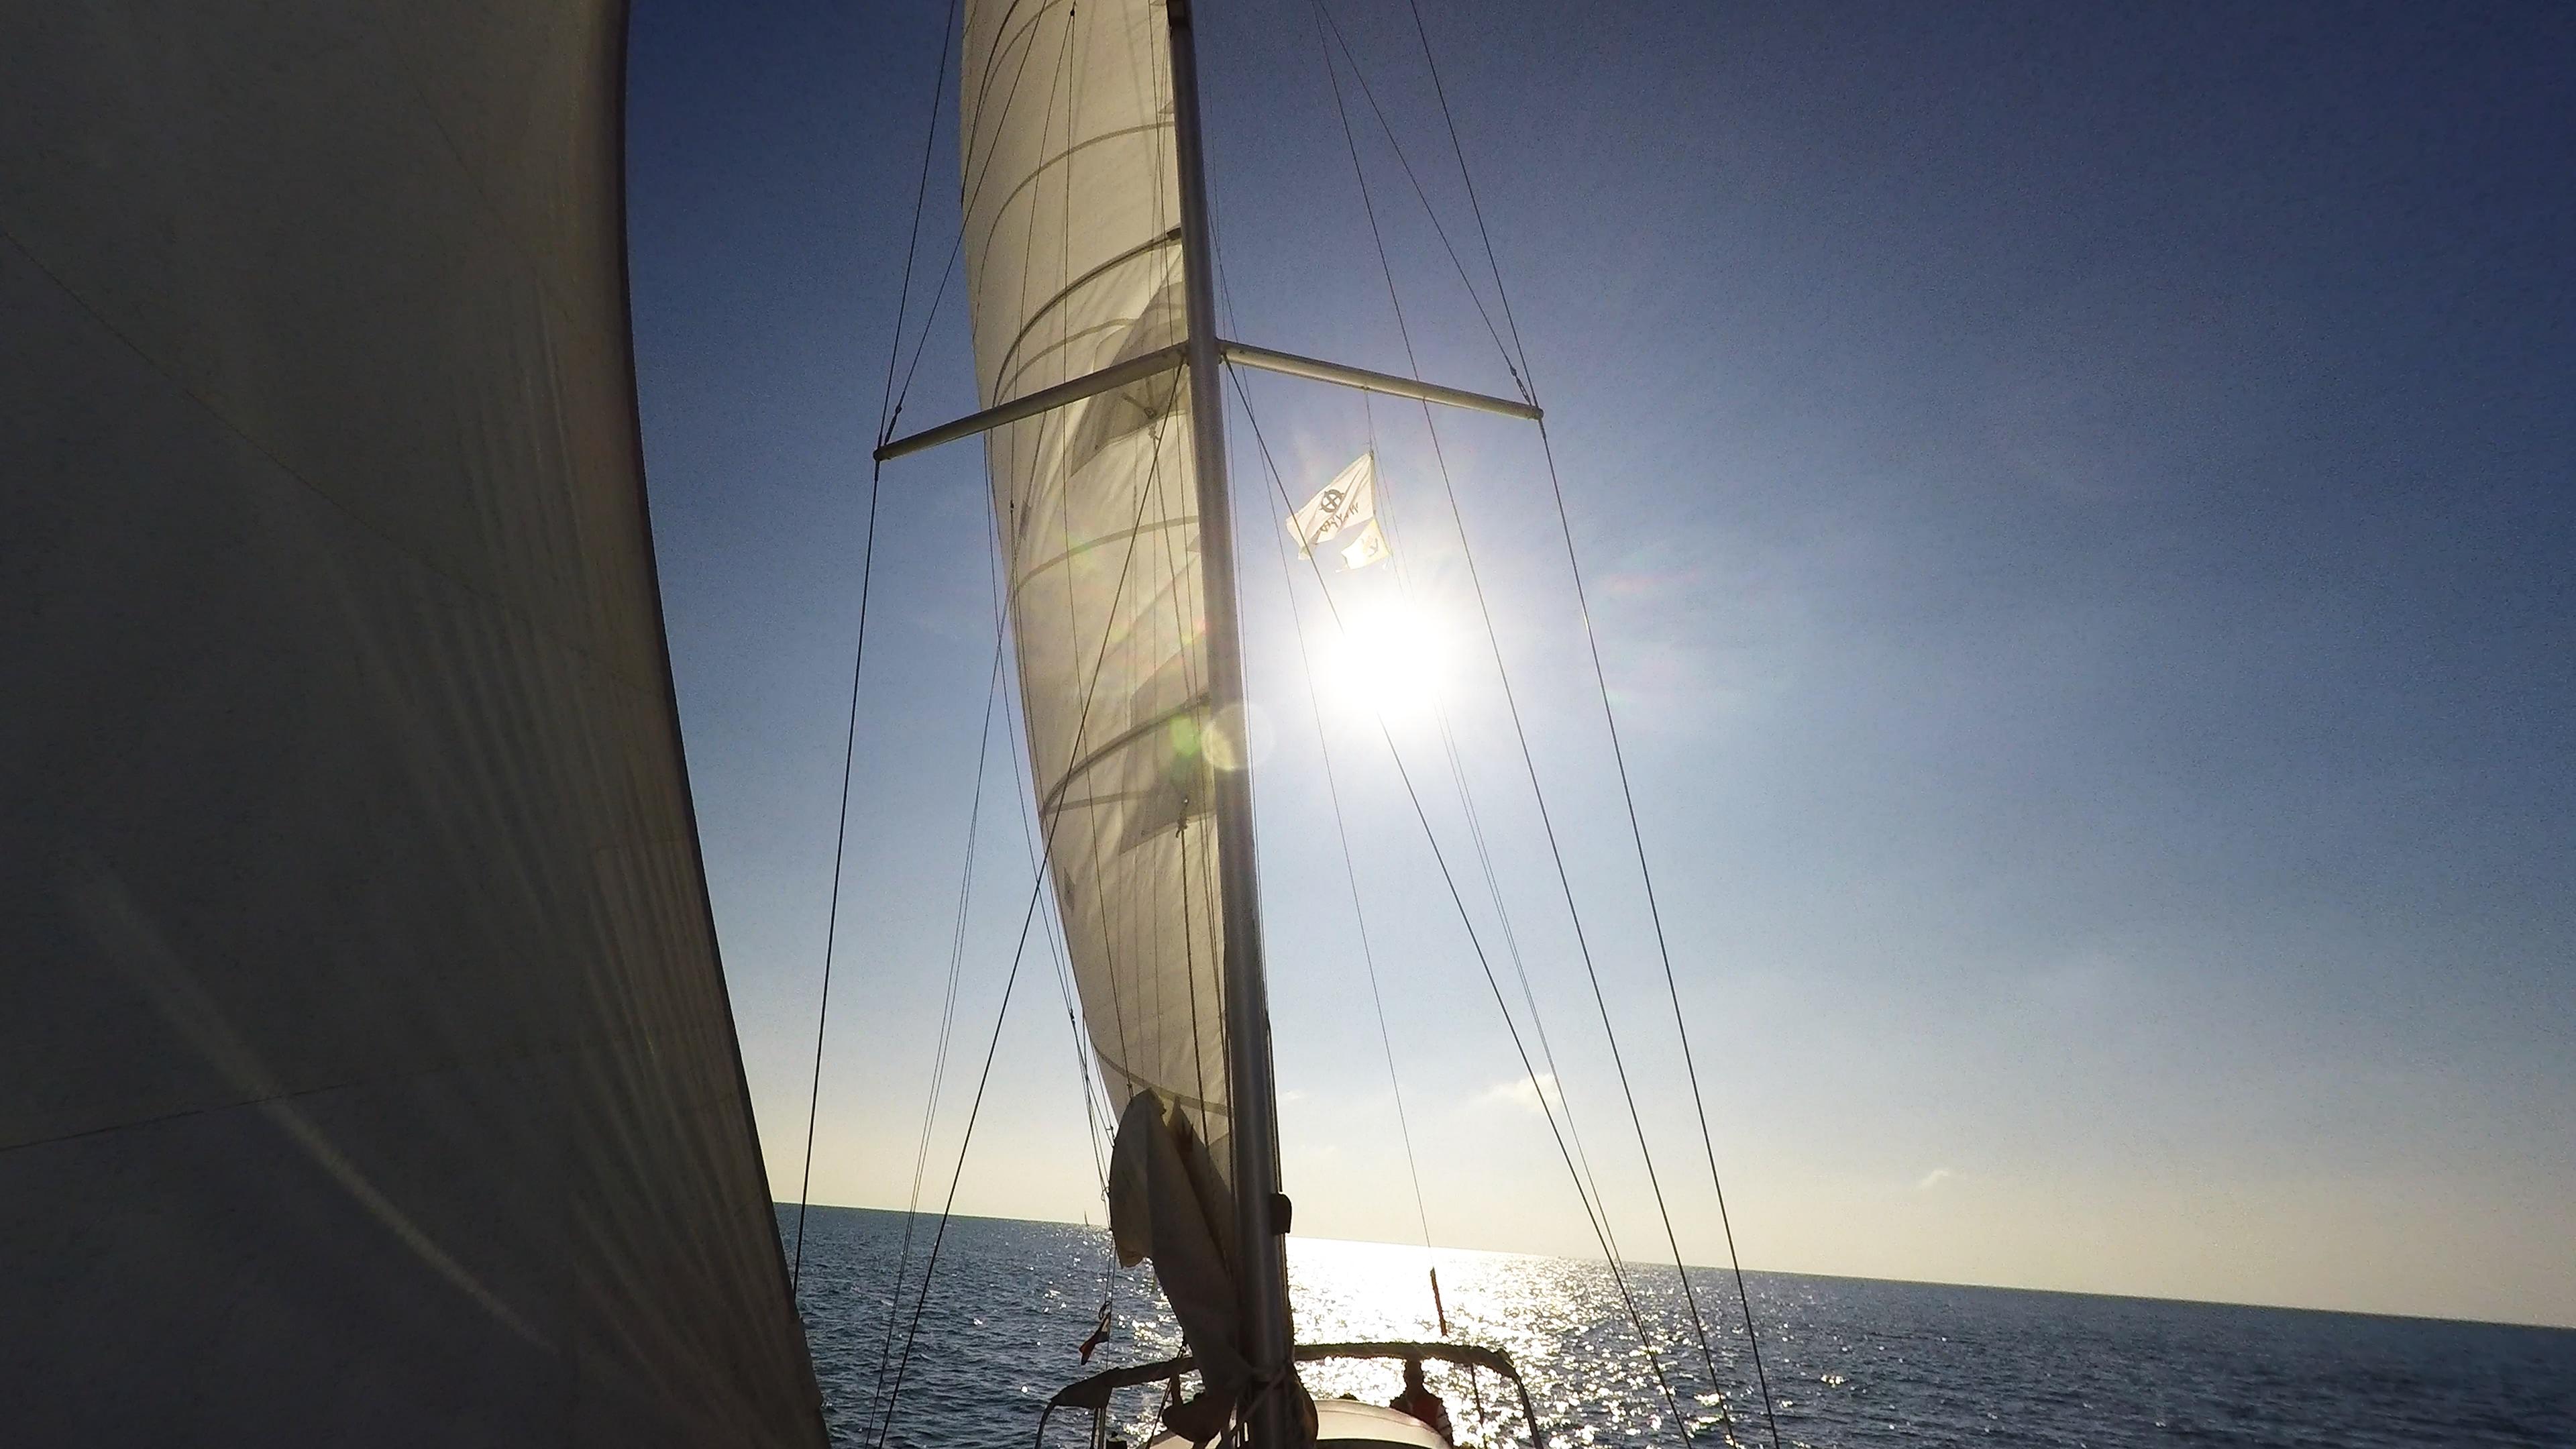 sailing yacht sails mast sailing yacht sun